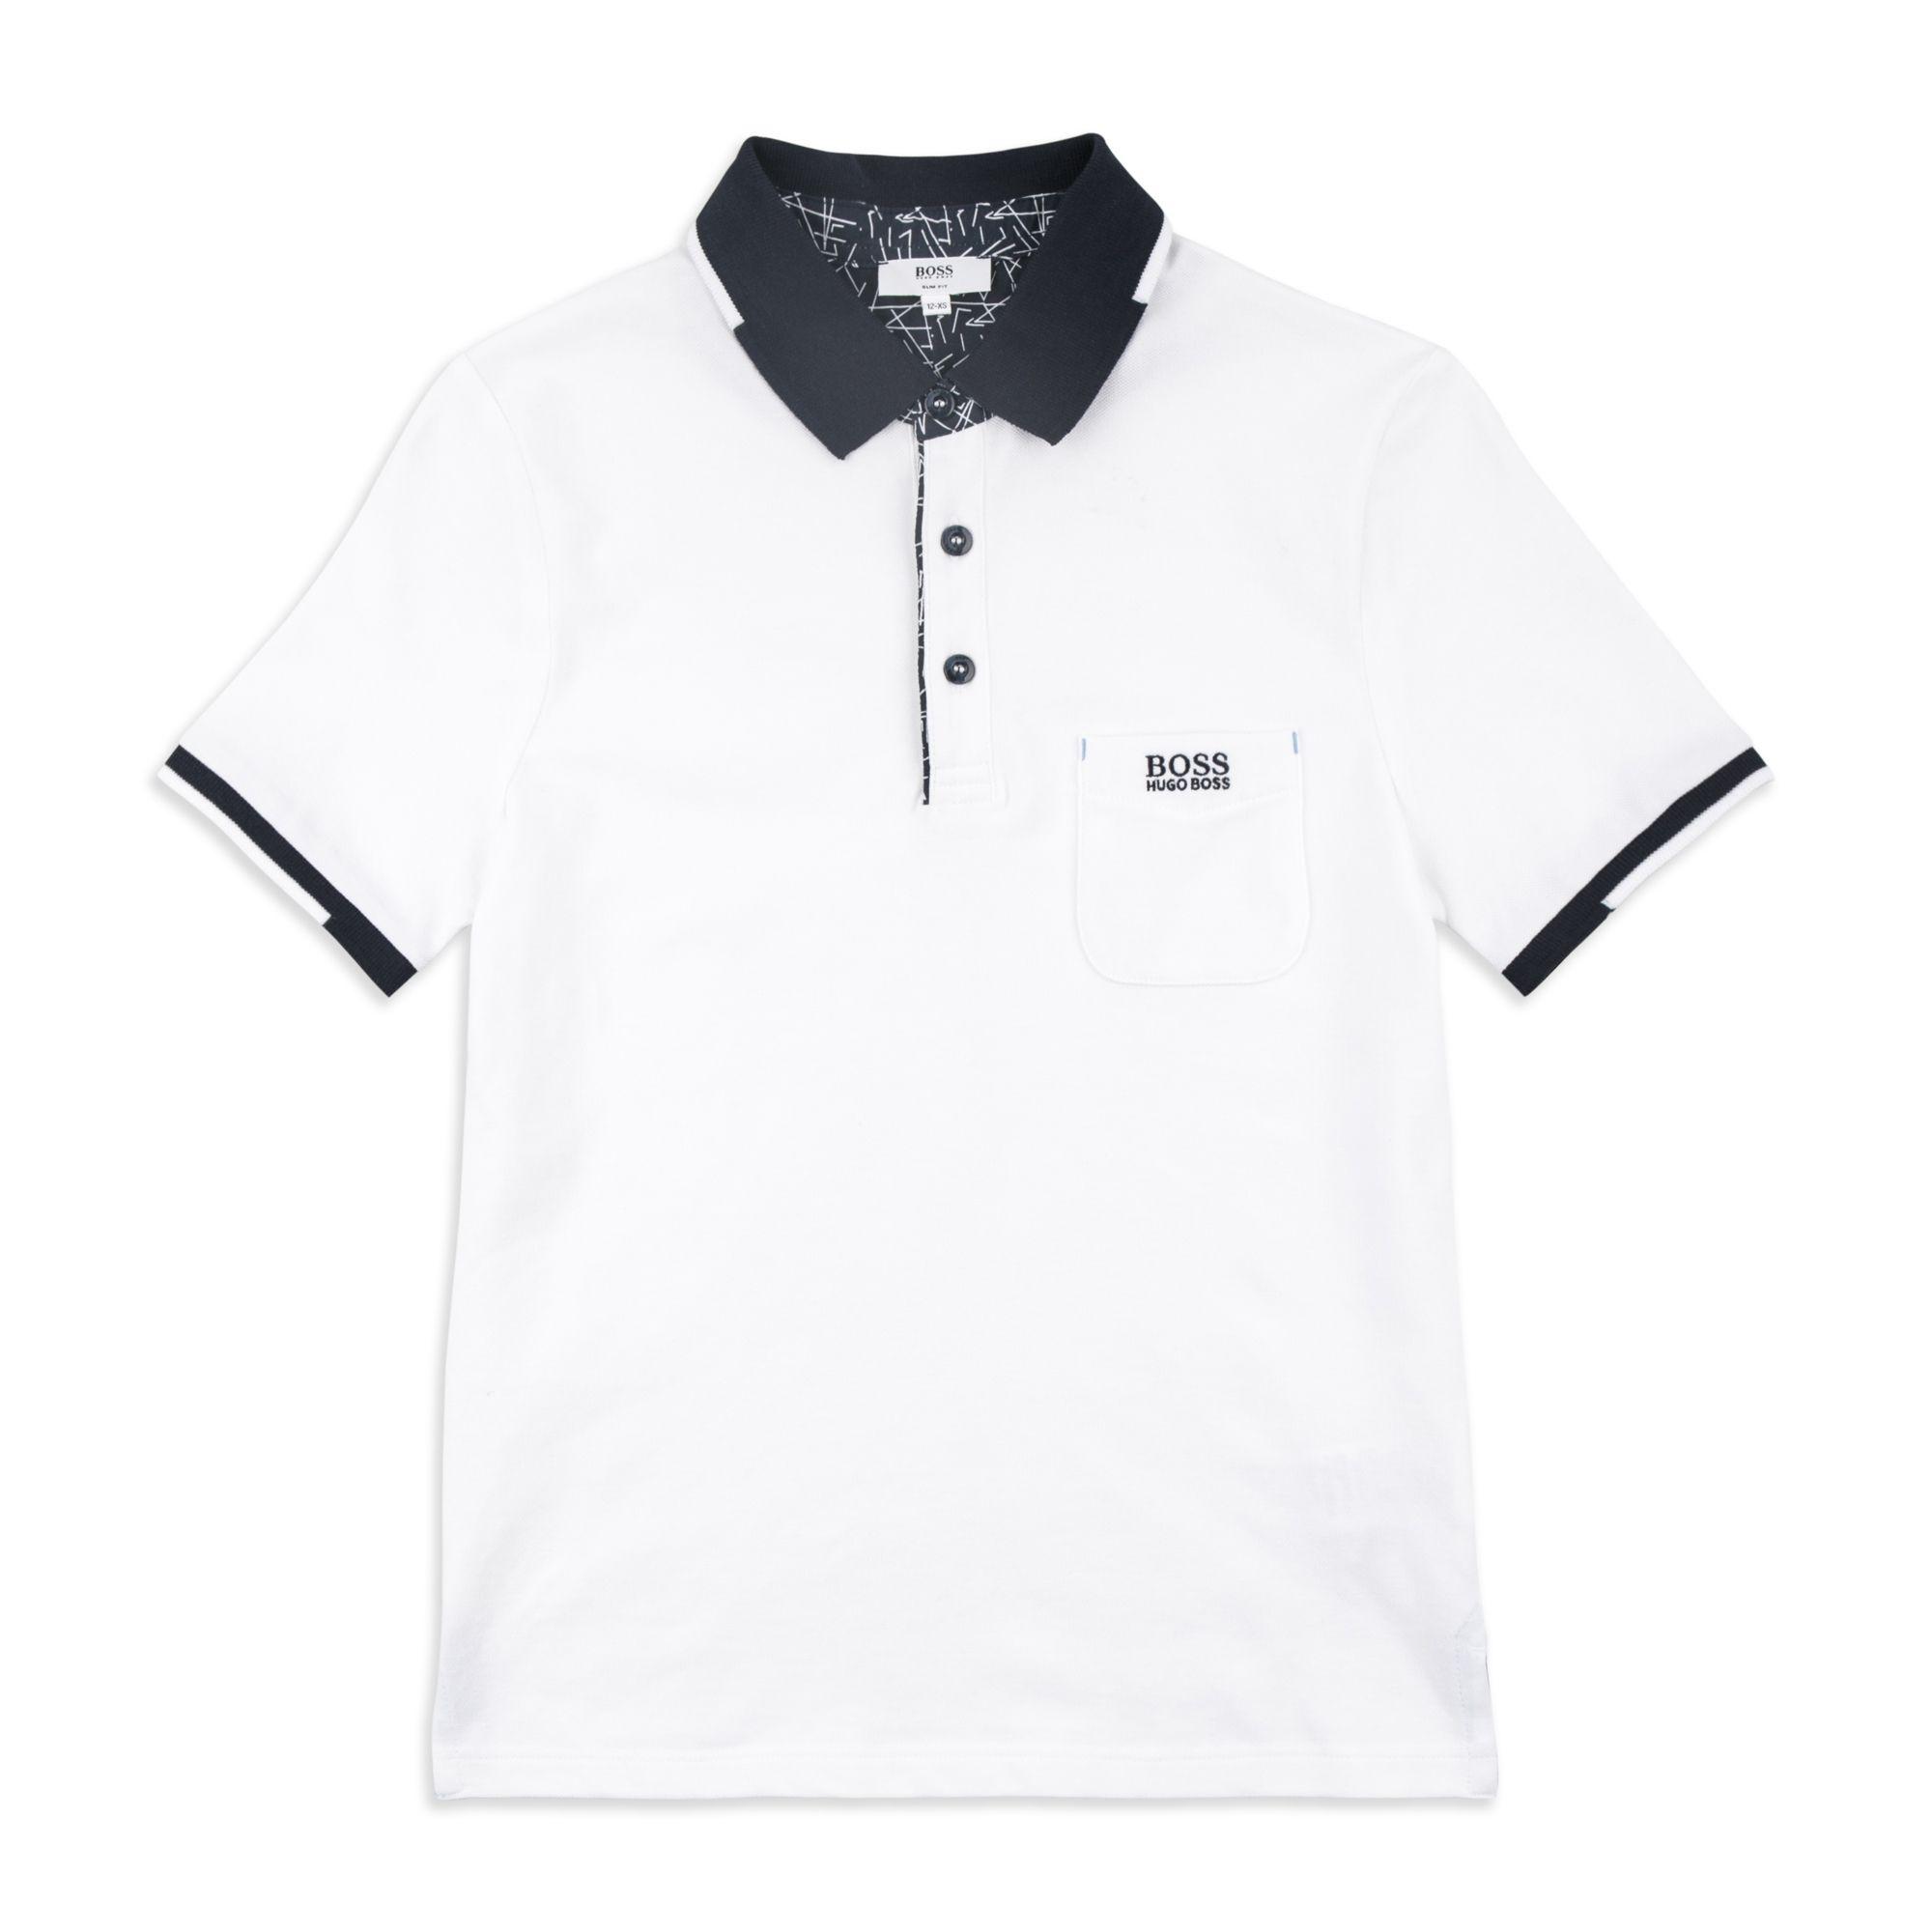 132fc83e1 BOSS KIDS Boys Contrast Collar Pocket Polo - White Boys short sleeve polo •  Lightweight cotton pique • Three button placket • Contrast collar design •  Woven ...